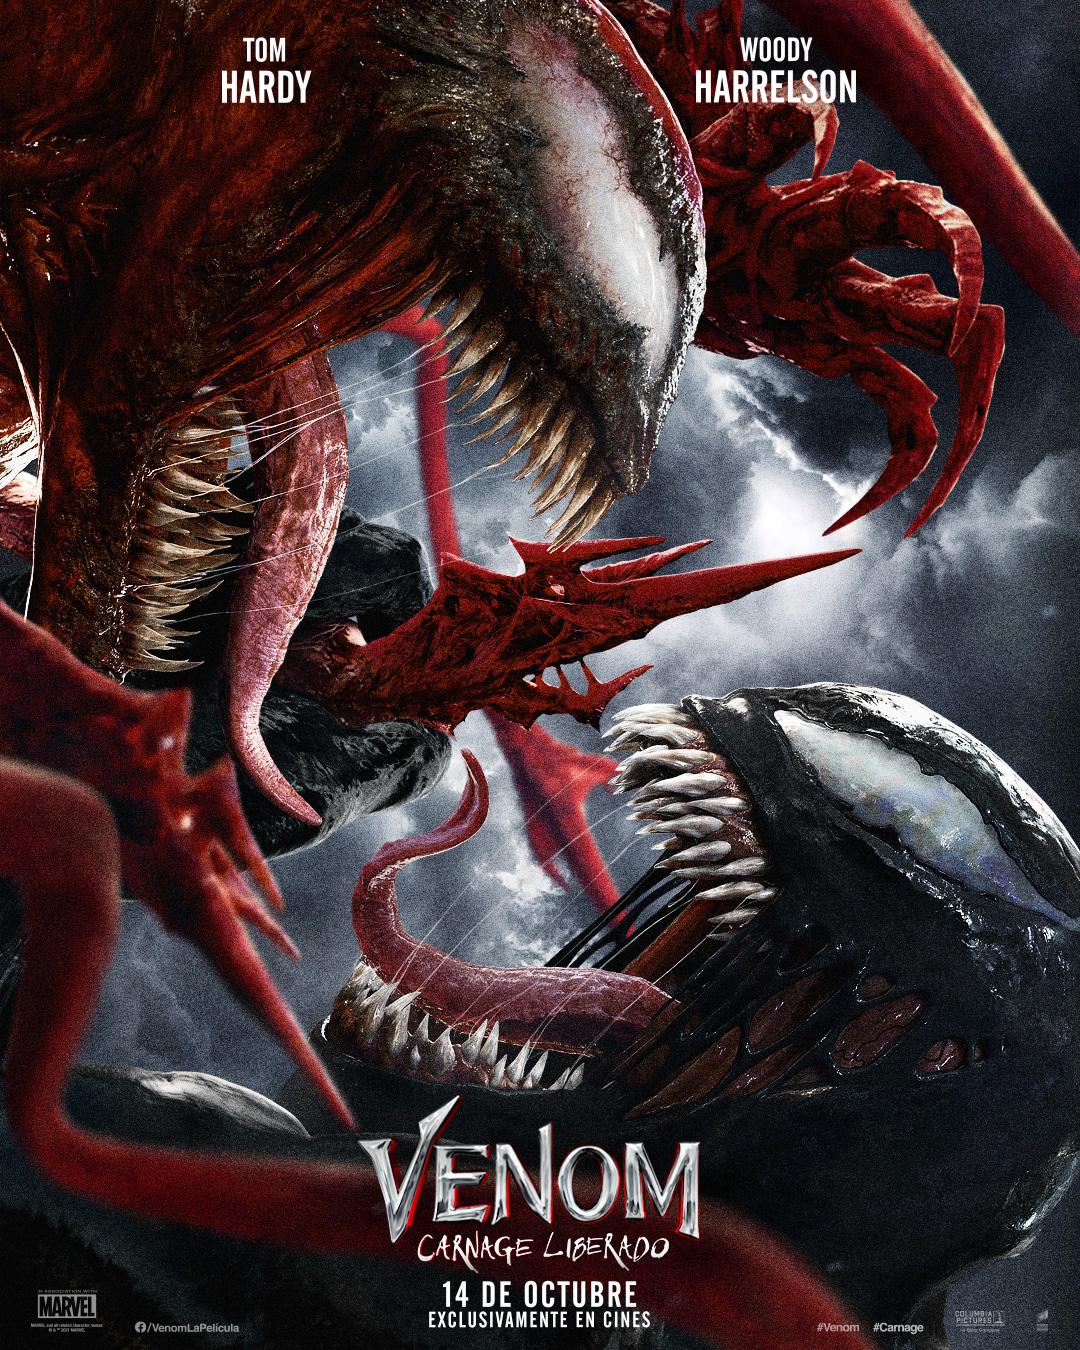 Póster en español de Venom: Let There Be Carnage (2021). Imagen: SonyPicturesMX Twitter (@SonyPicturesMX).